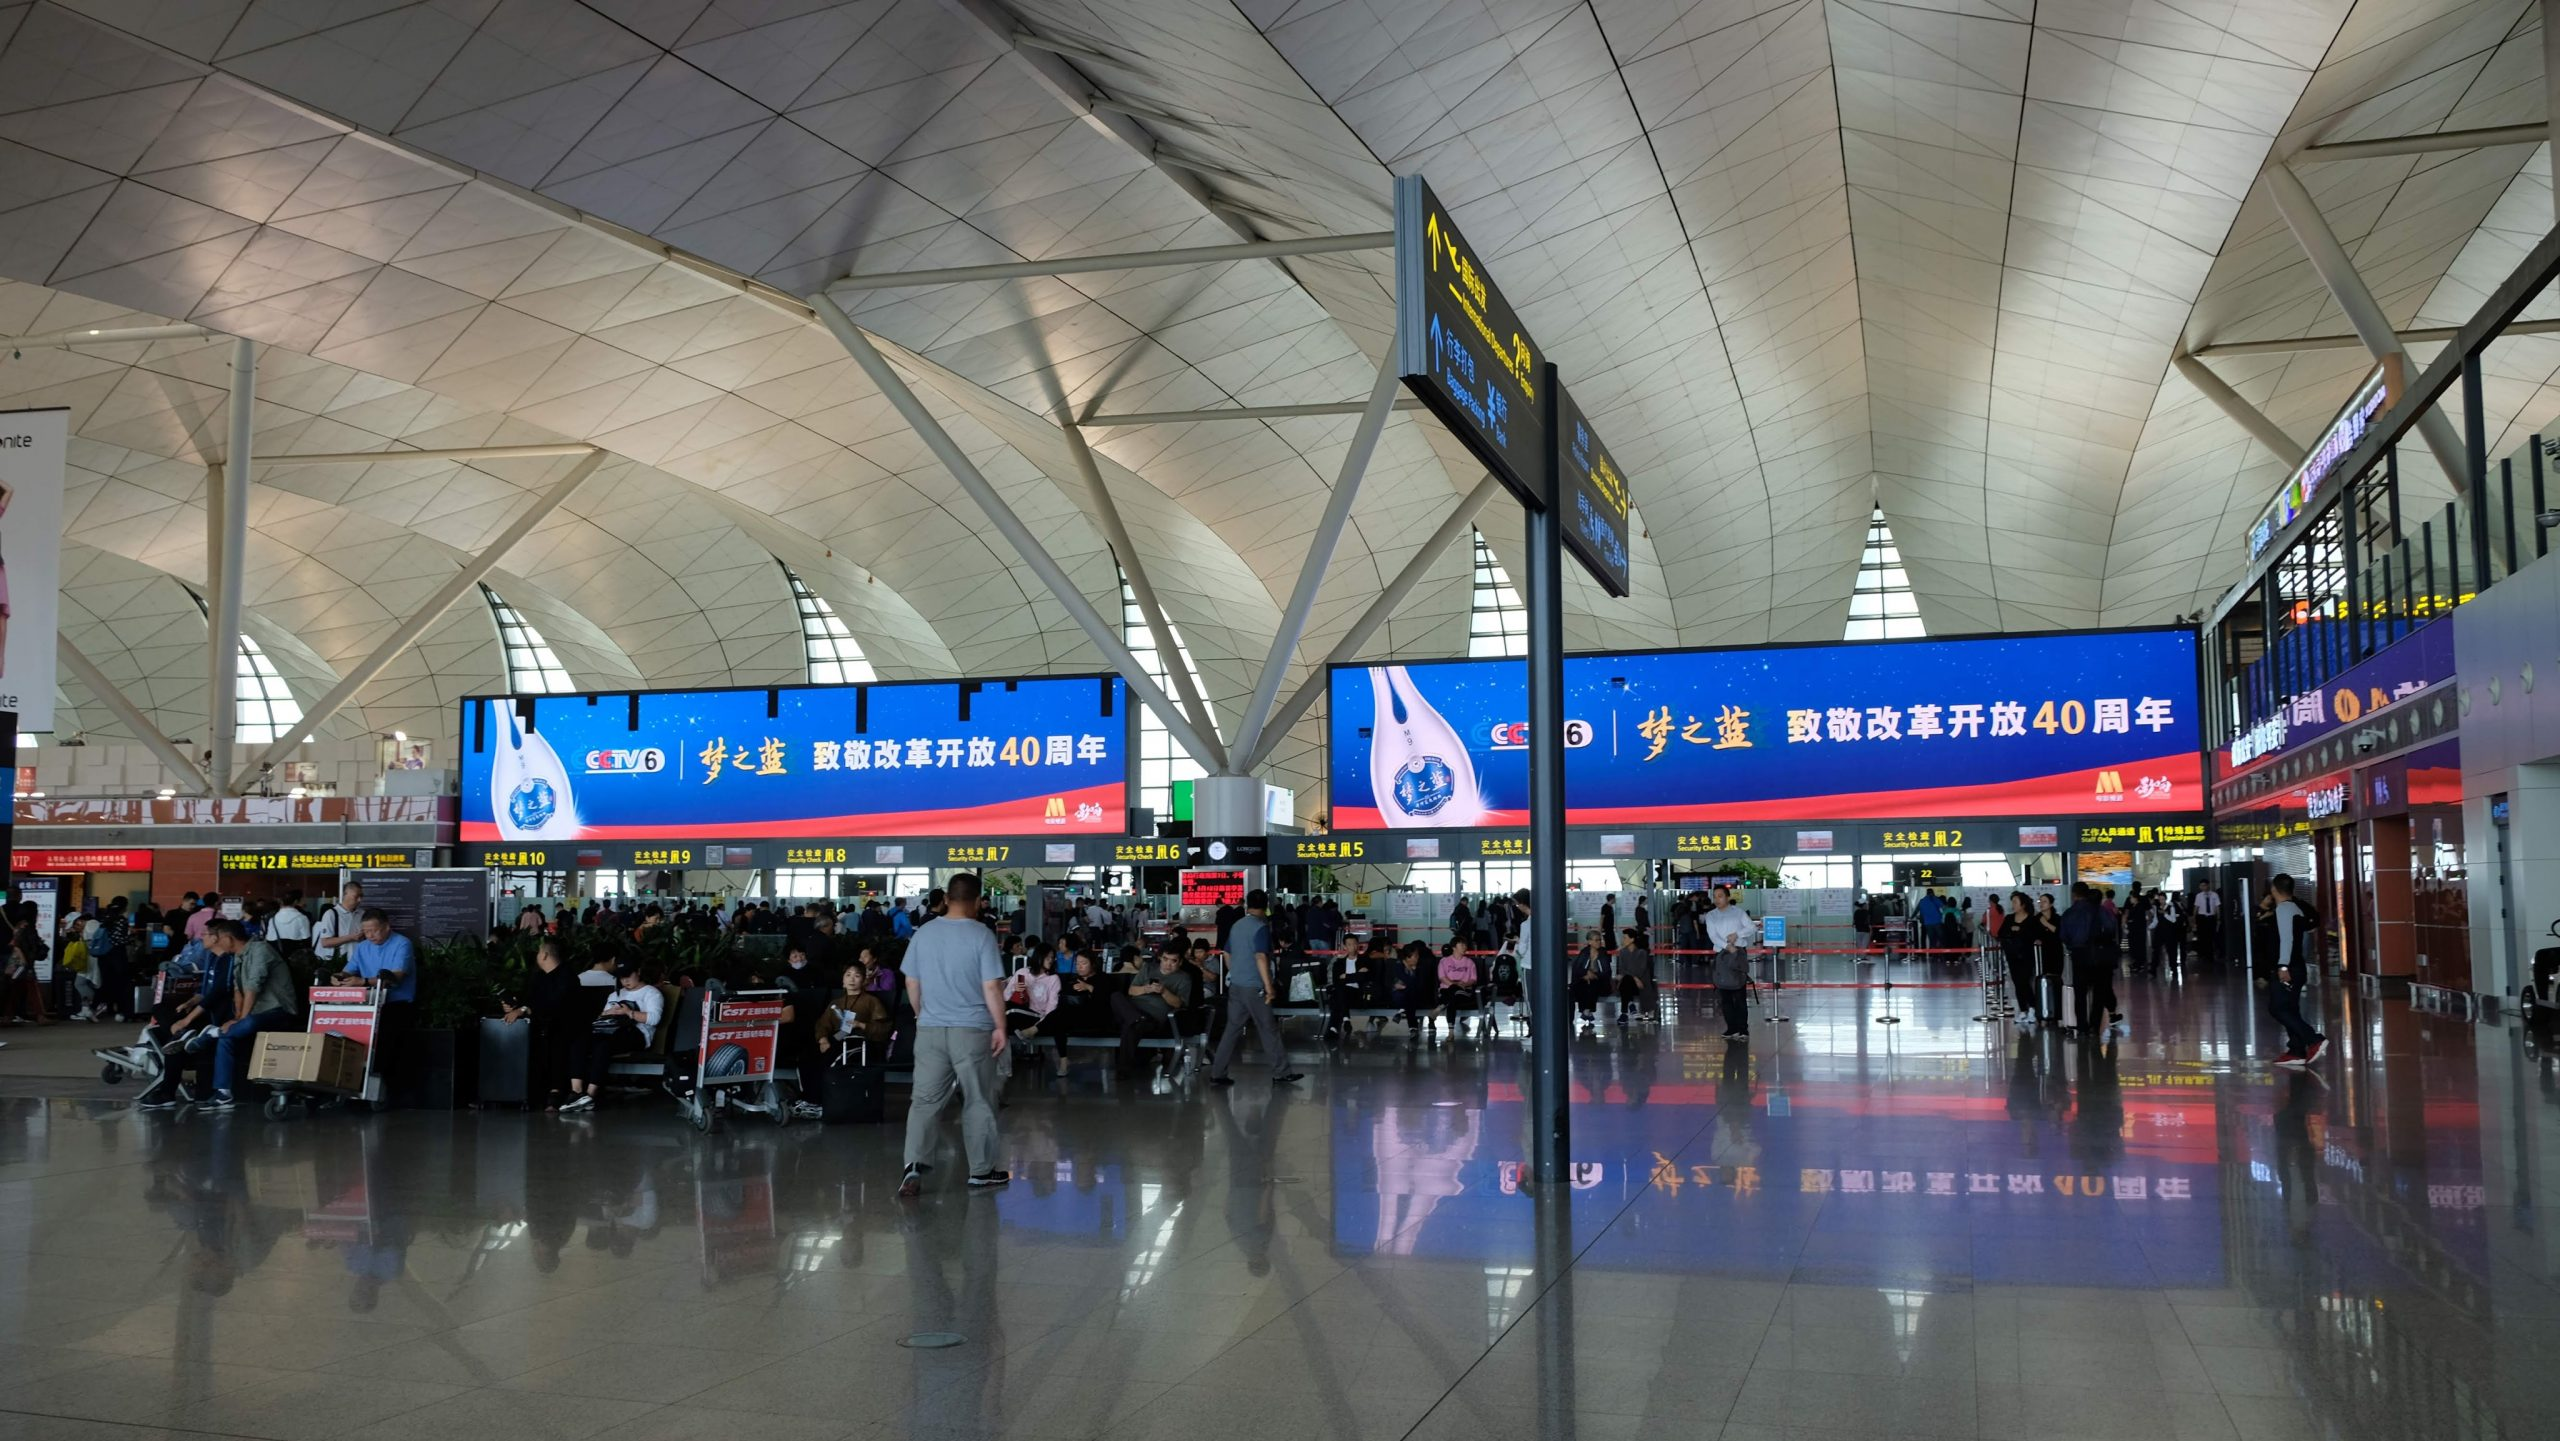 [瀋陽] 瀋陽桃仙國際機場:中國東北地區的航空樞紐